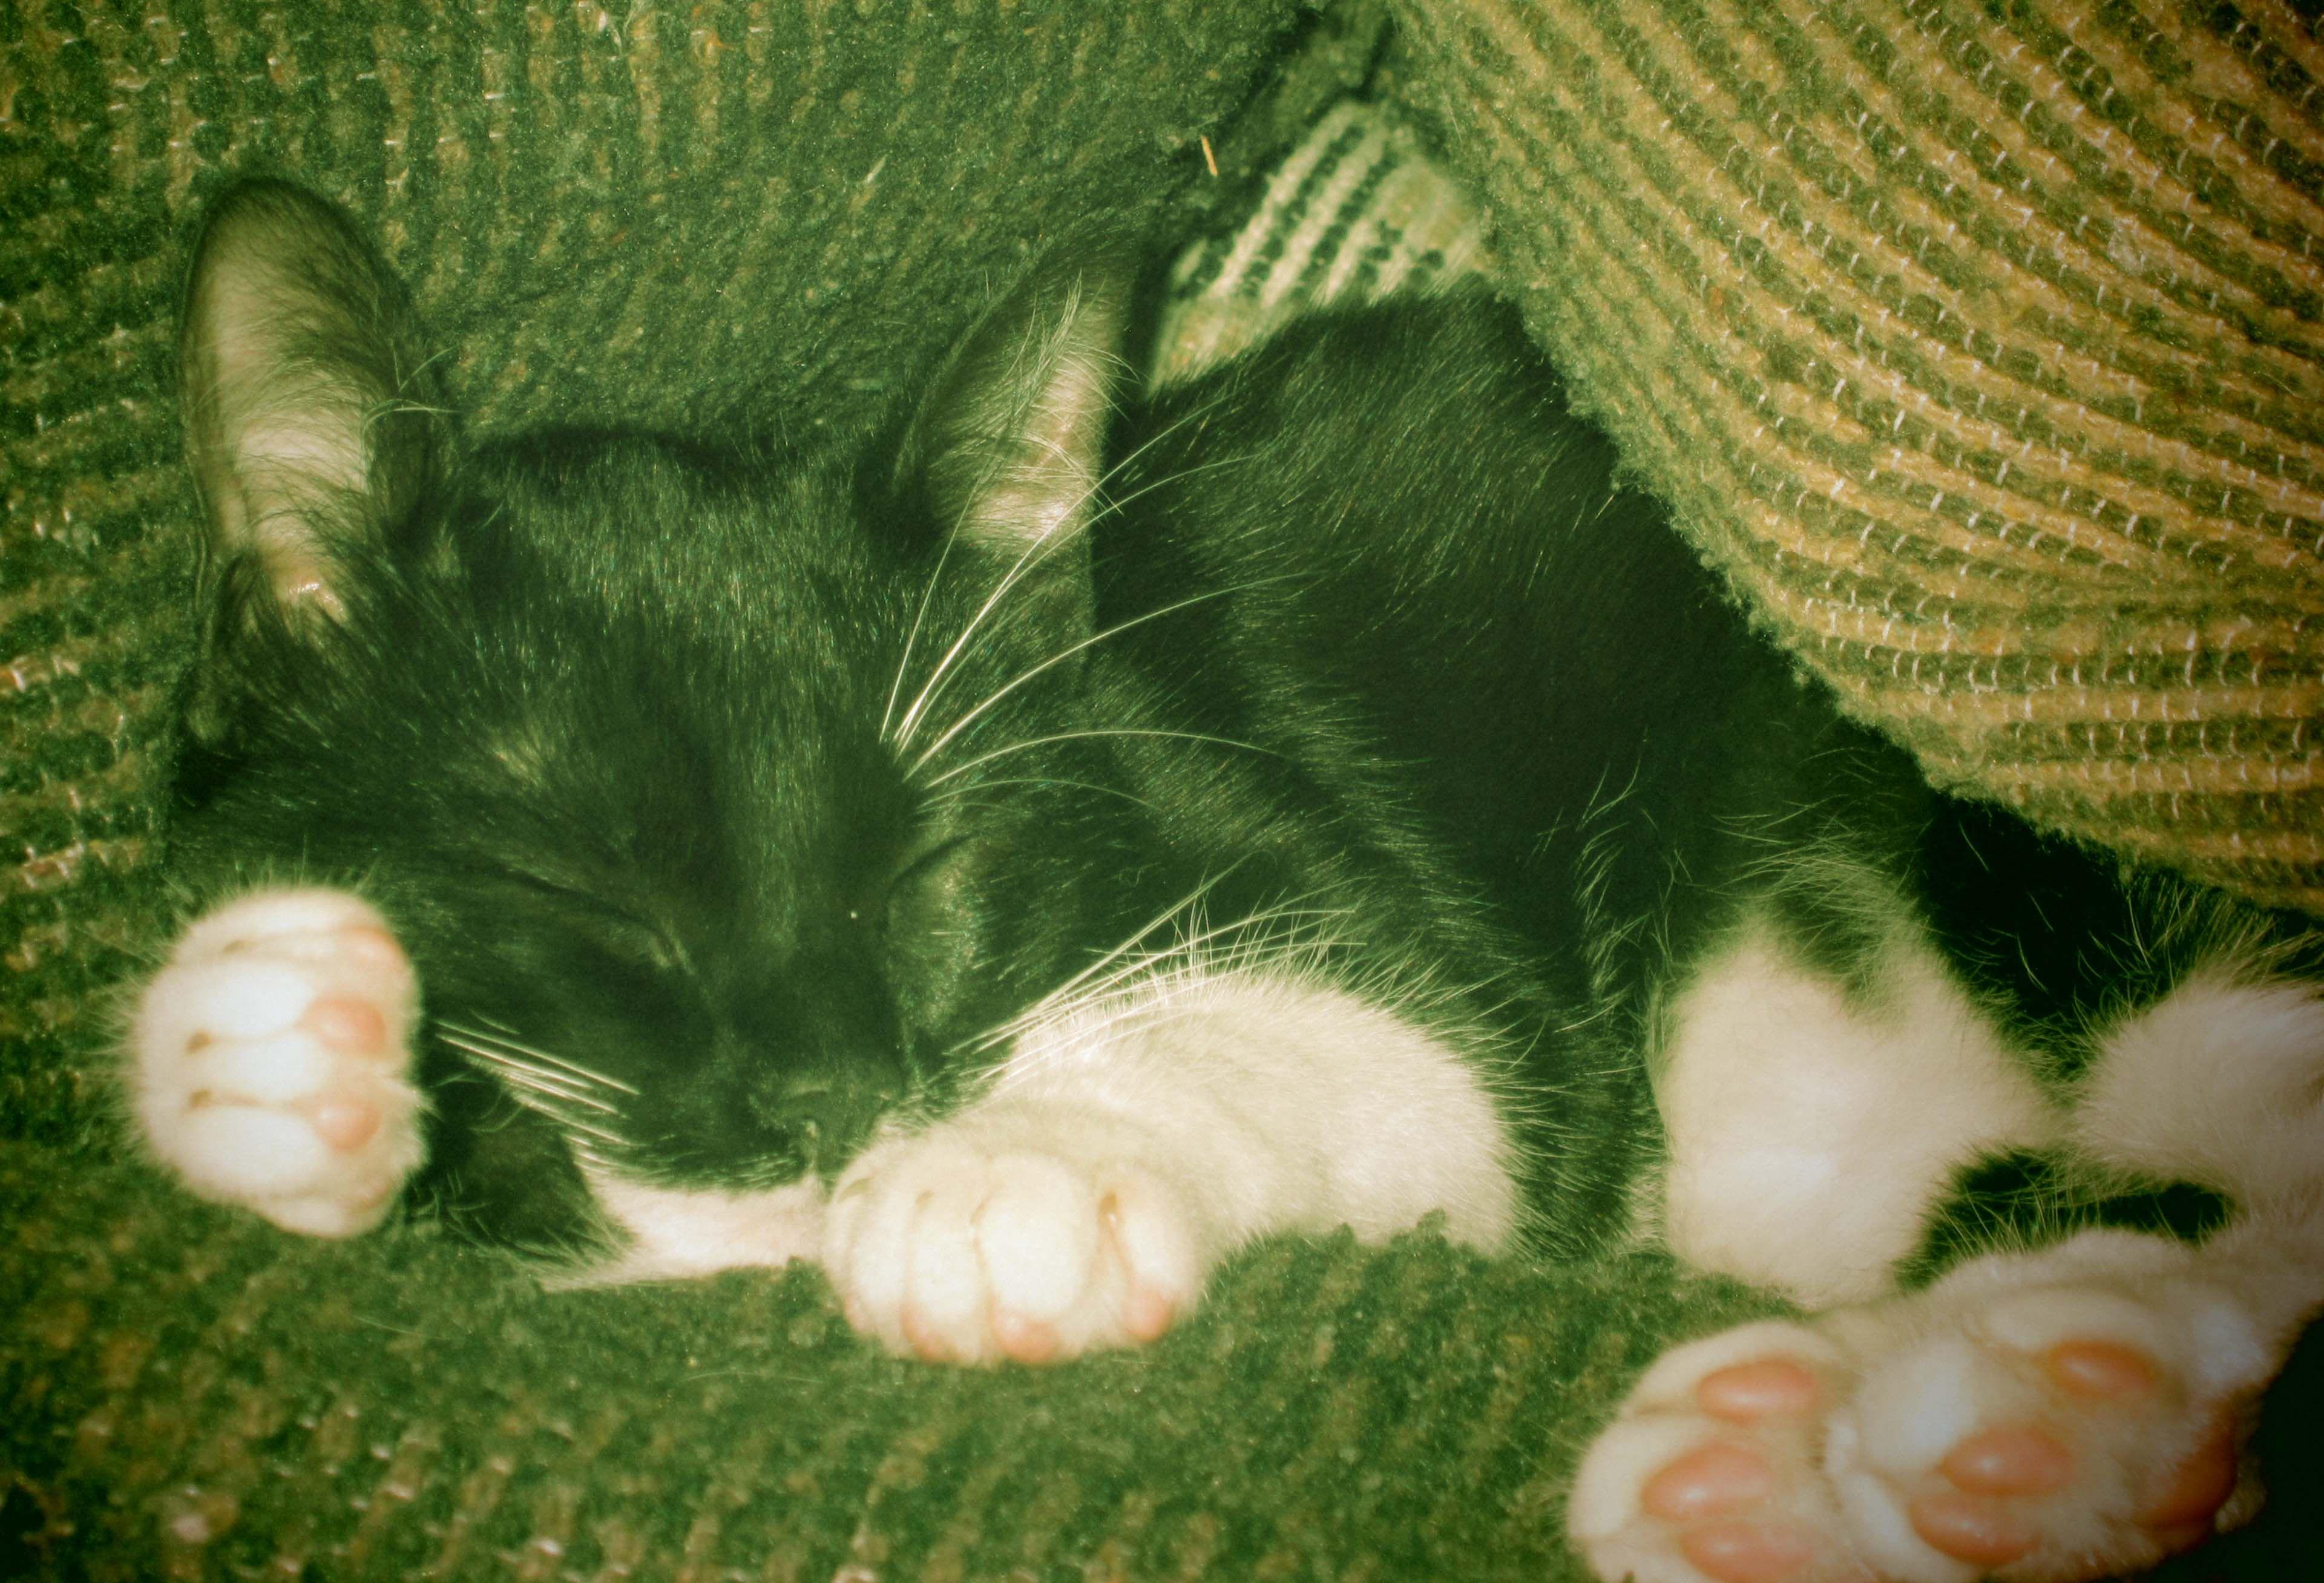 Magia como siempre durmiendo.